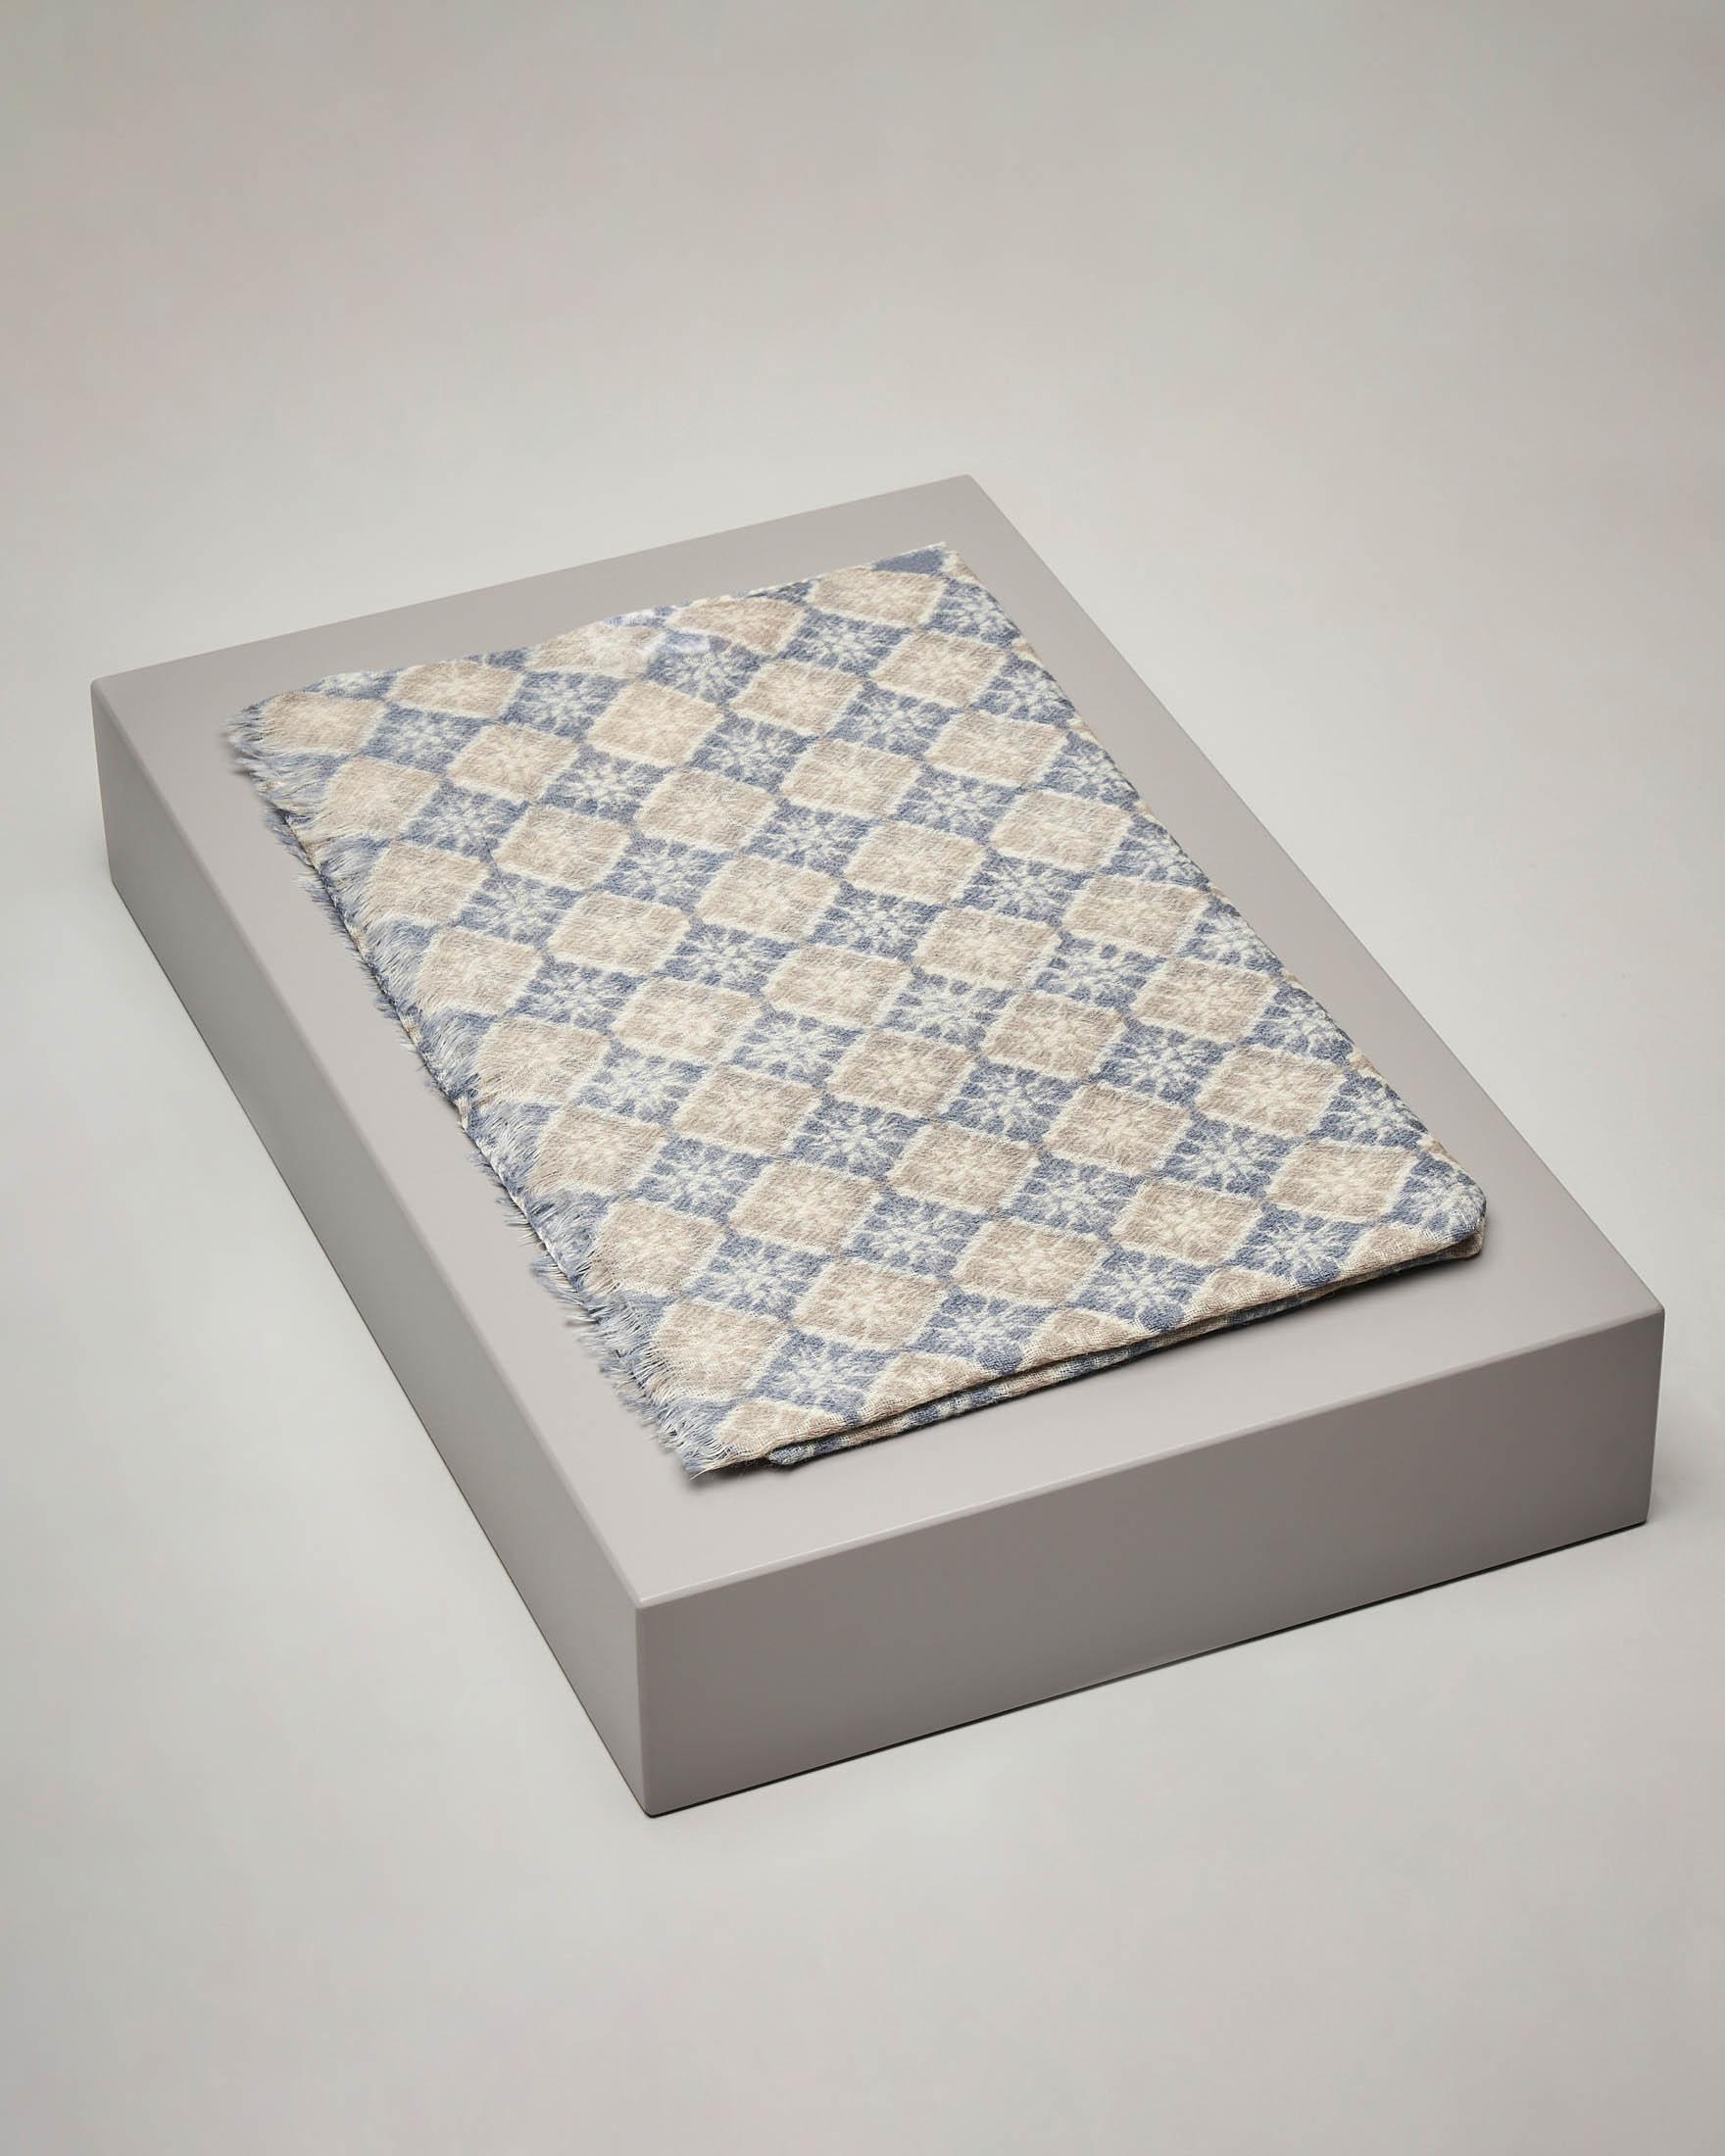 Sciarpa beige e azzurra in lana e seta a fantasia geometrica